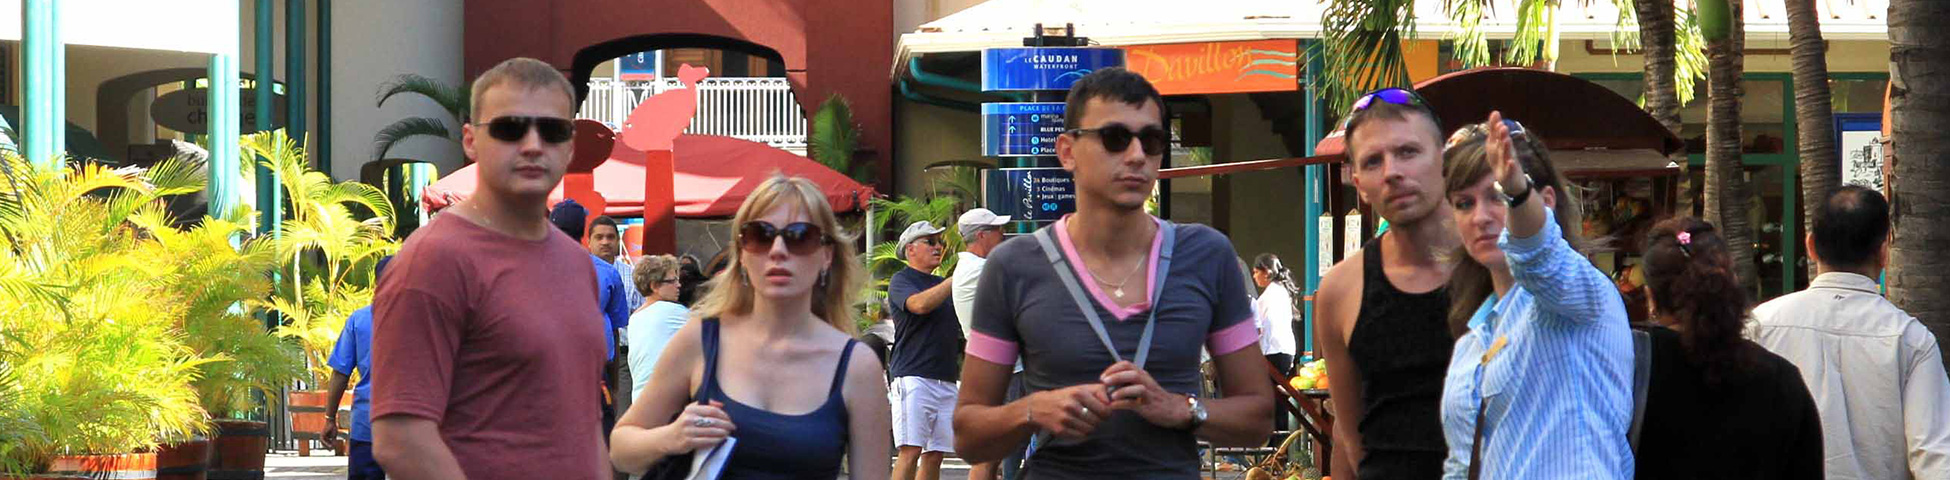 Туры с экскурсоводами и осмотр достопримечательностей на Маврикии